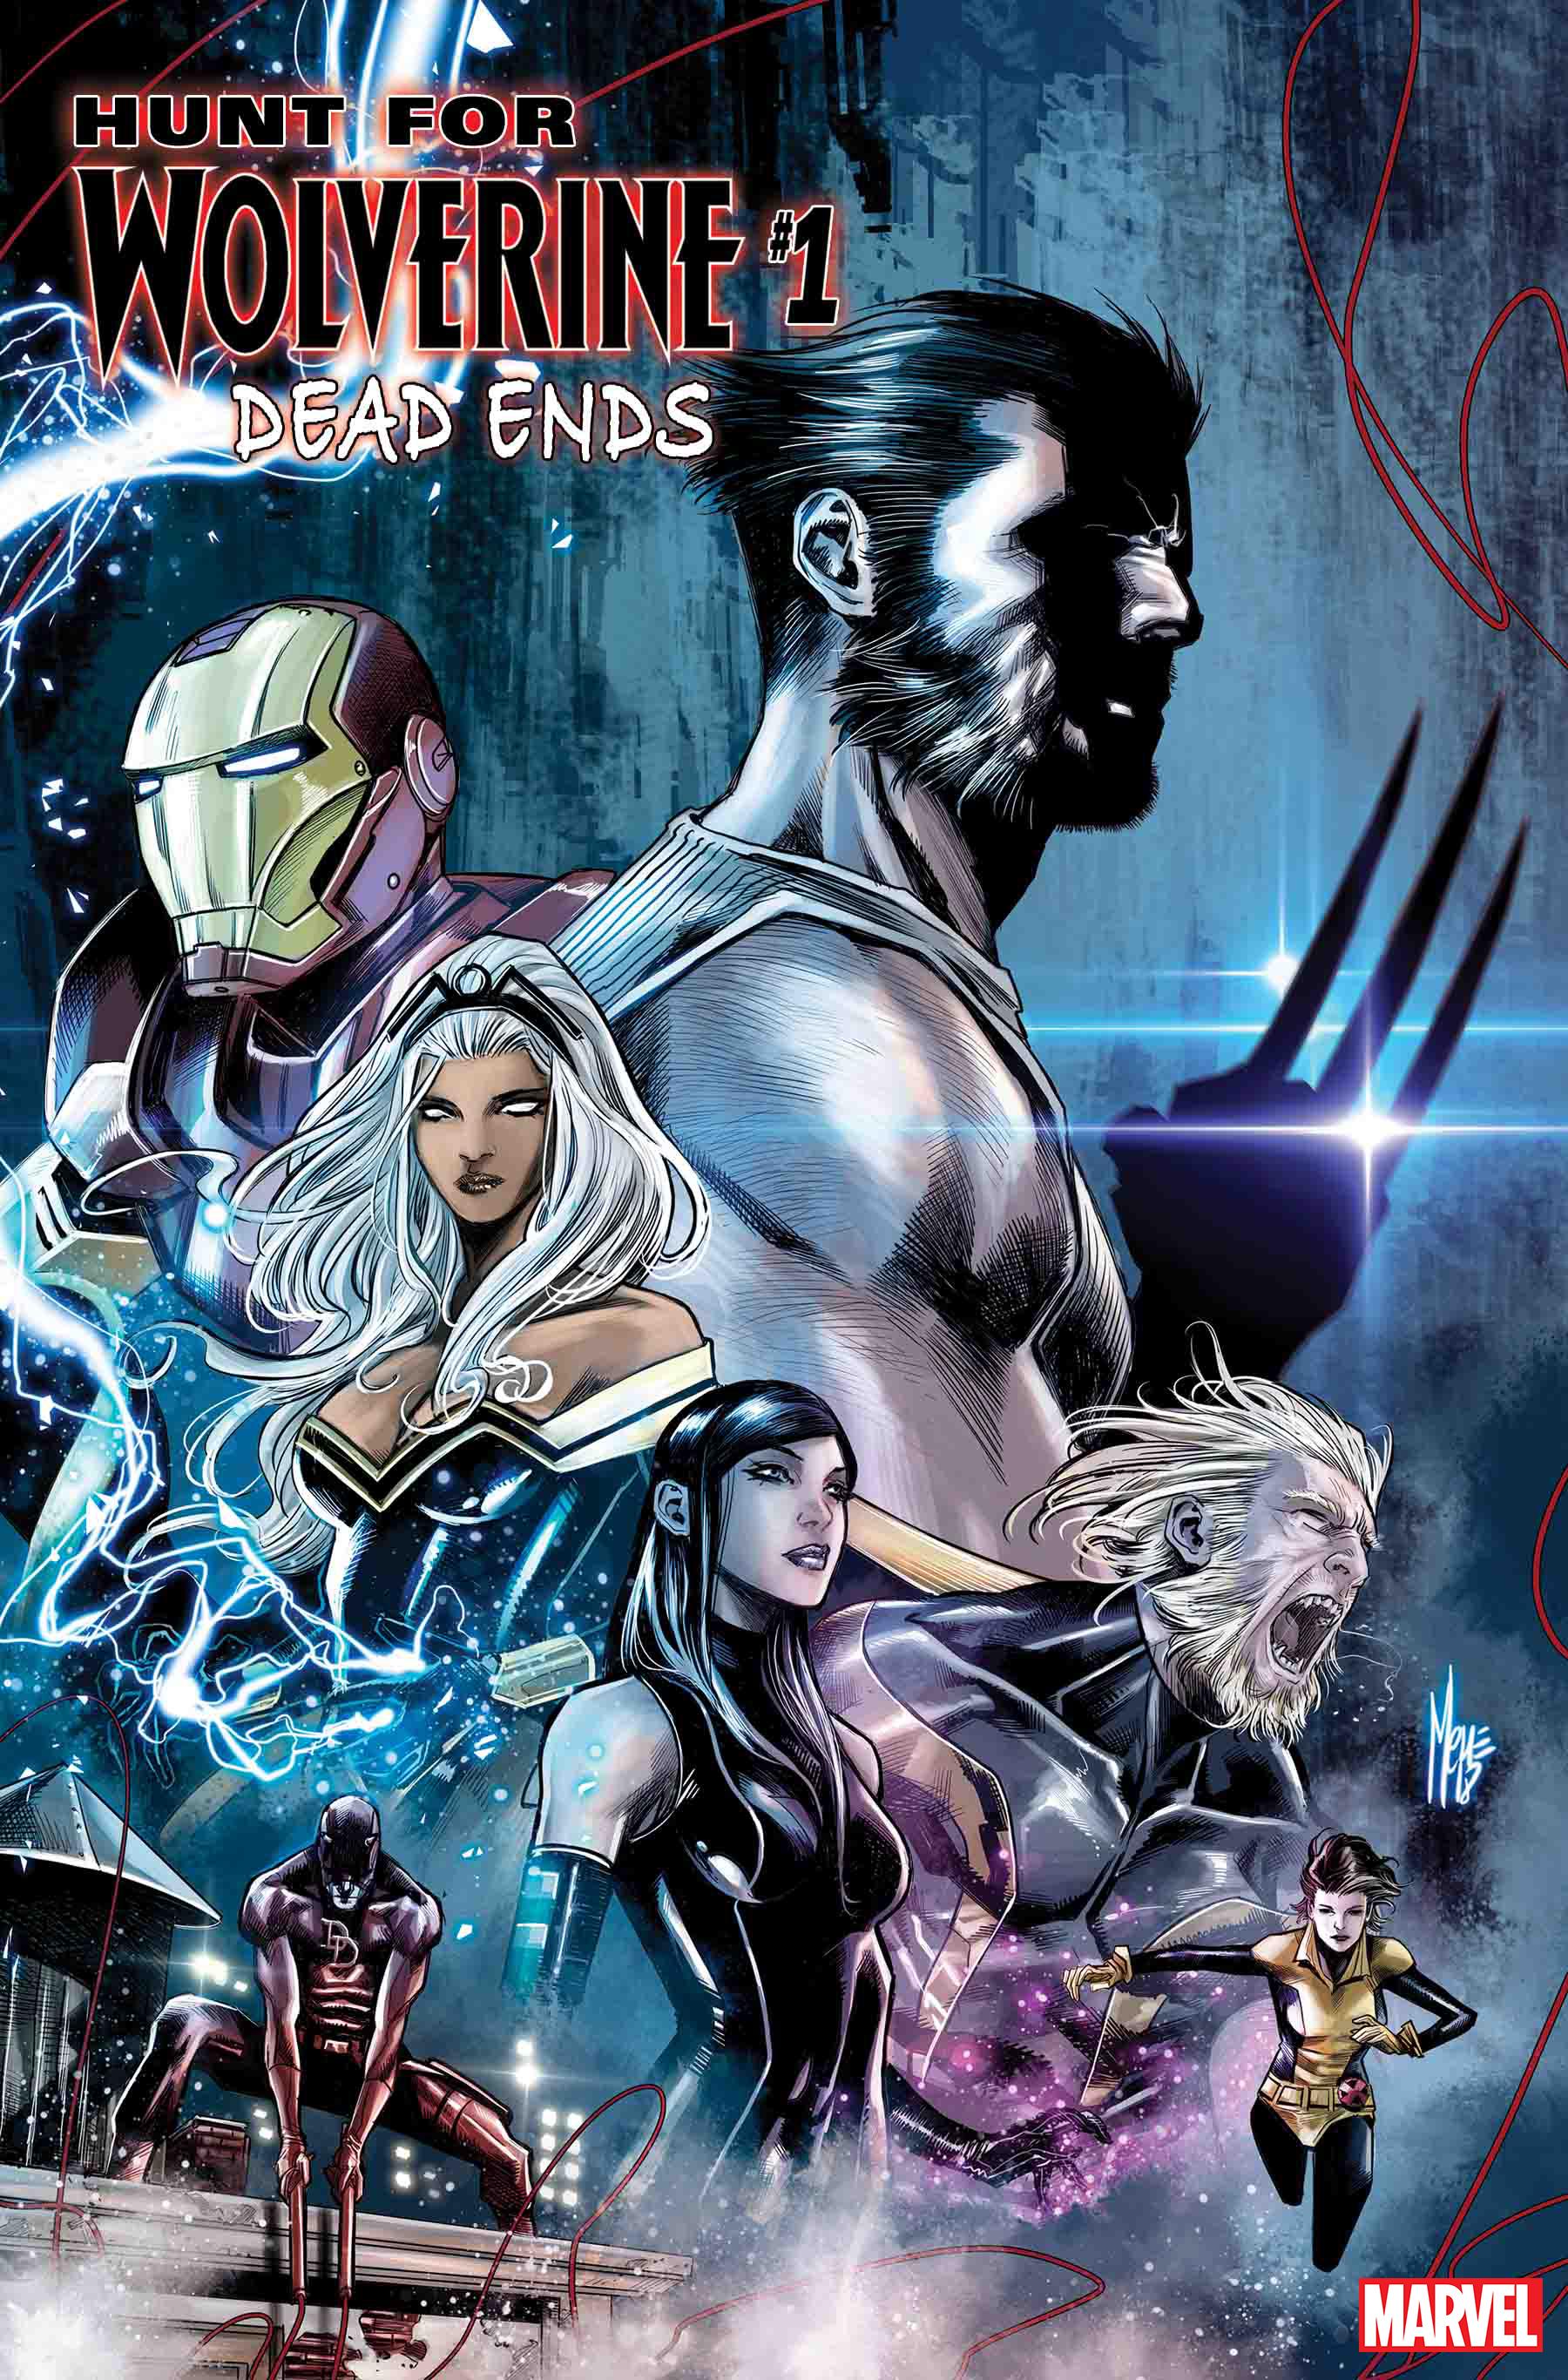 Hunt for Wolverine: Dead Ends #1